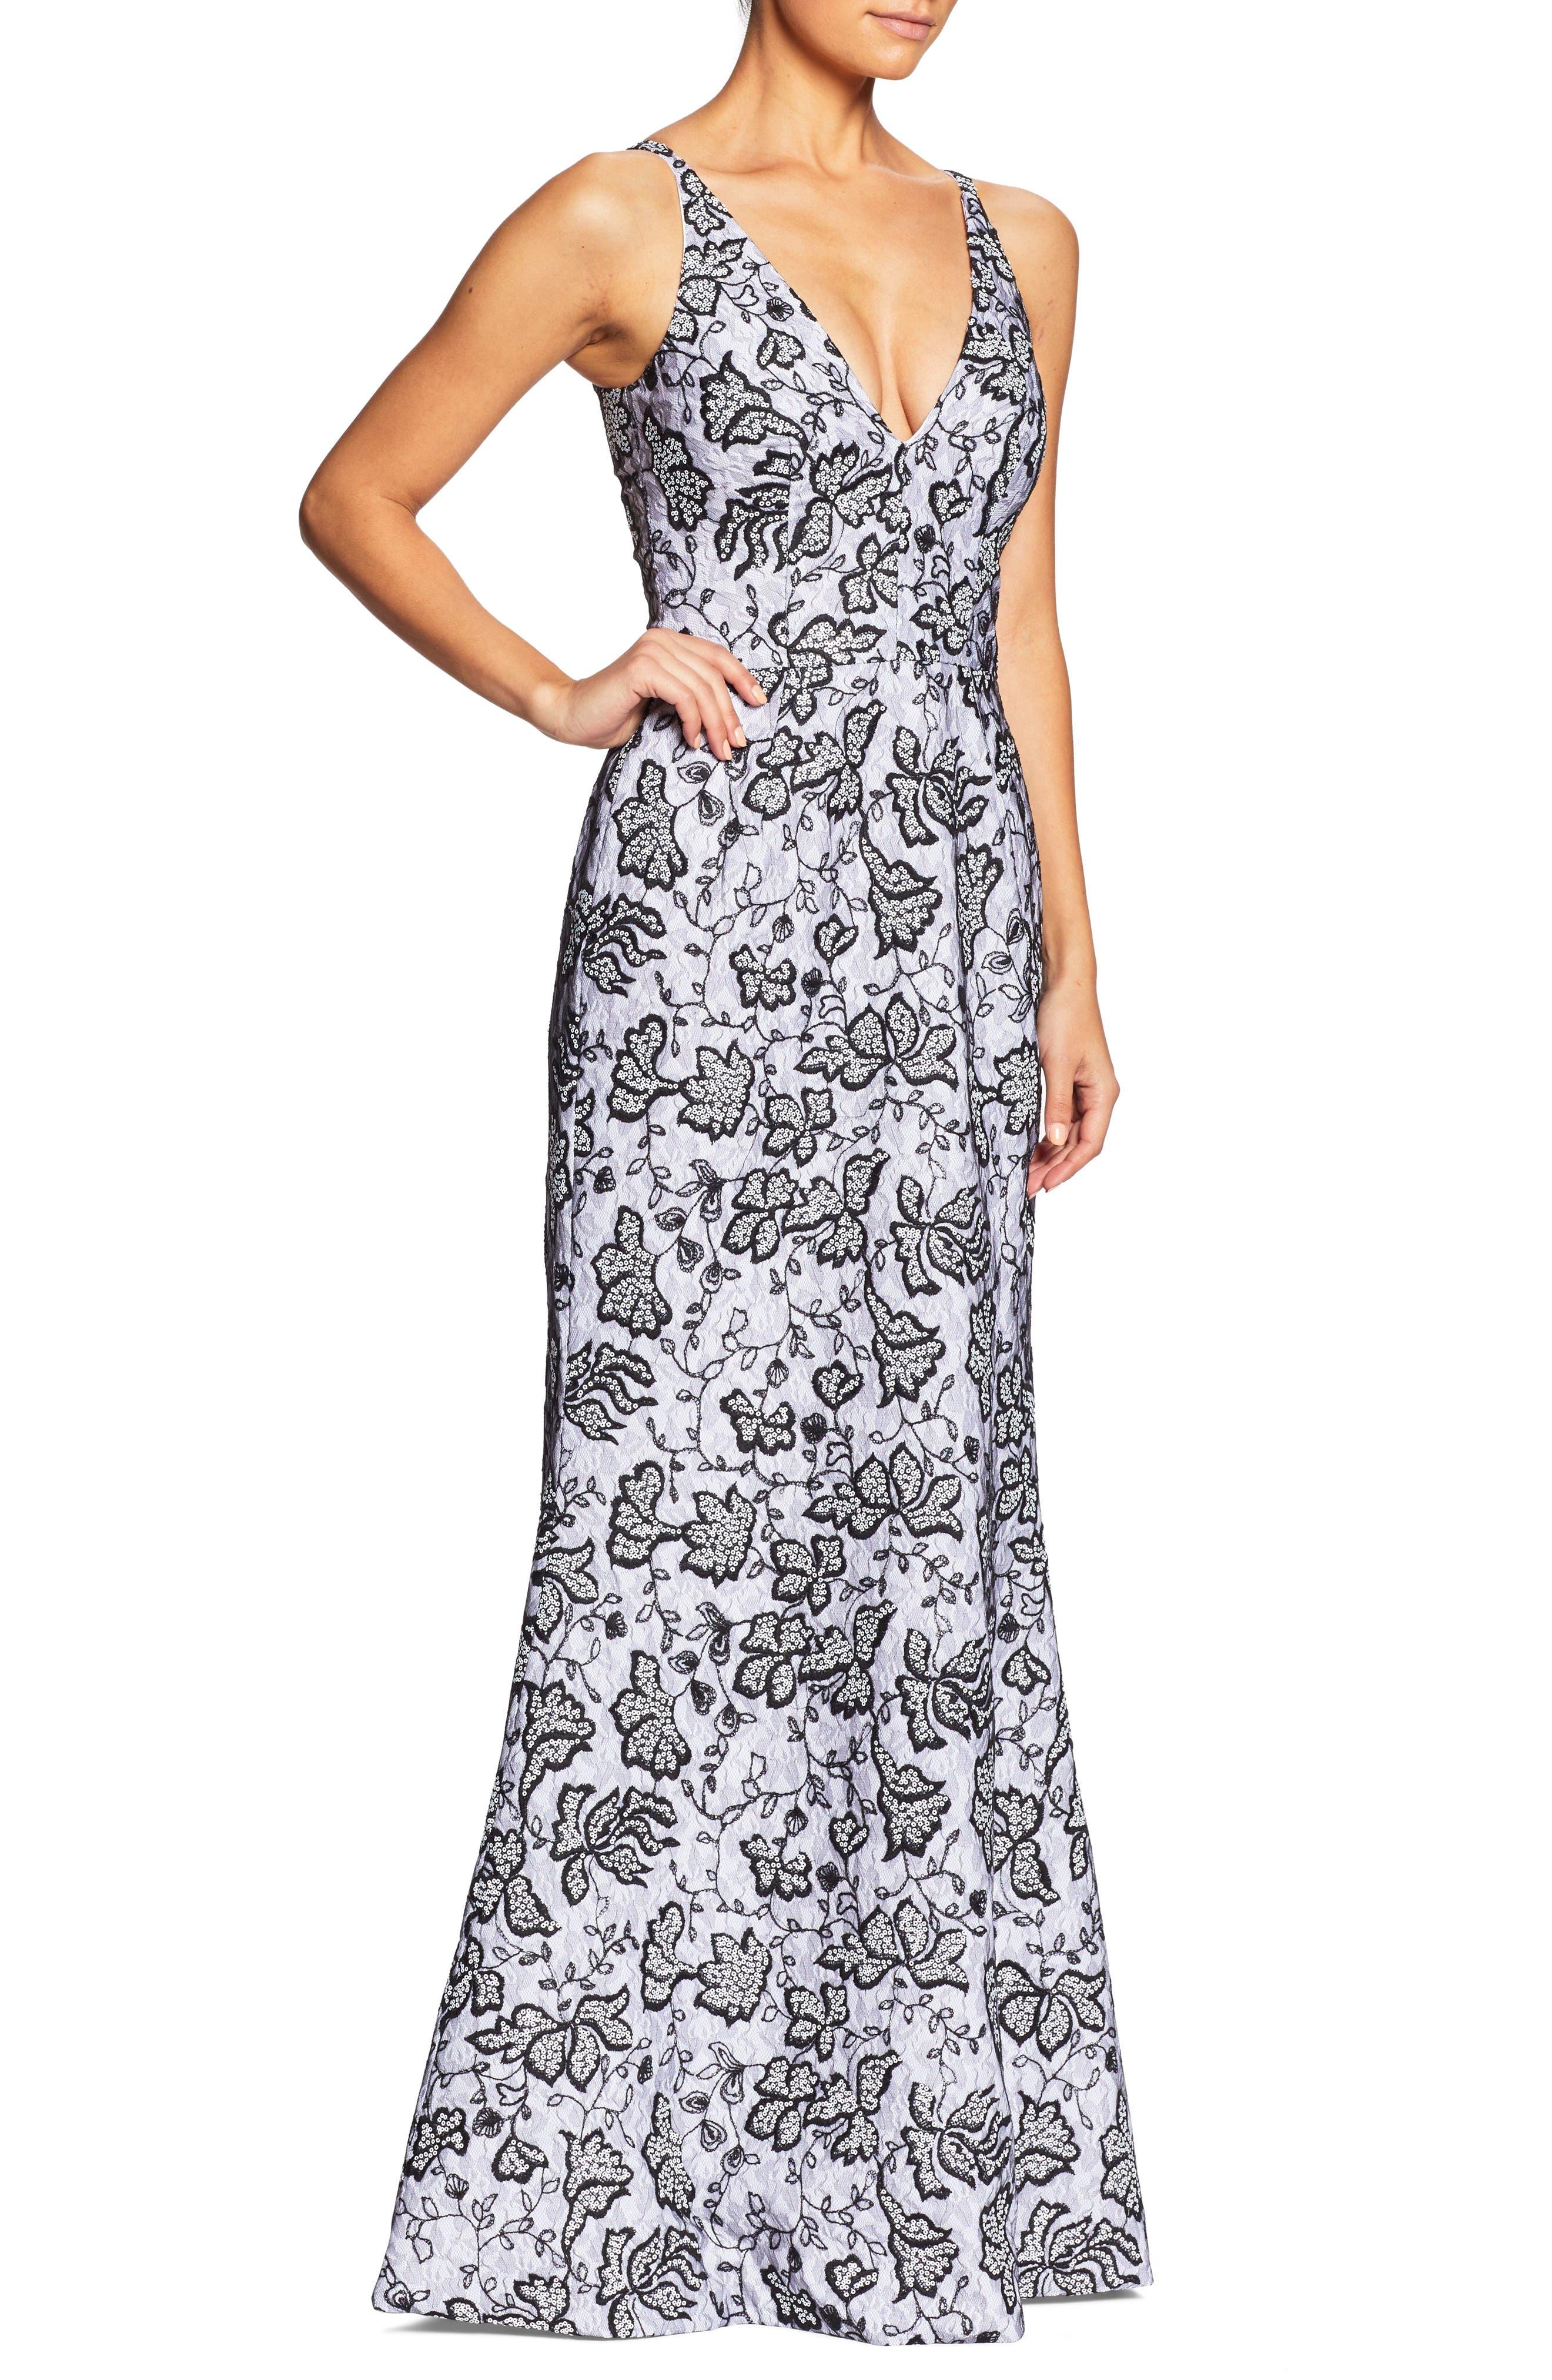 Karen Sequin & Lace Trumpet Gown,                             Main thumbnail 1, color,                             WHITE/ BLACK